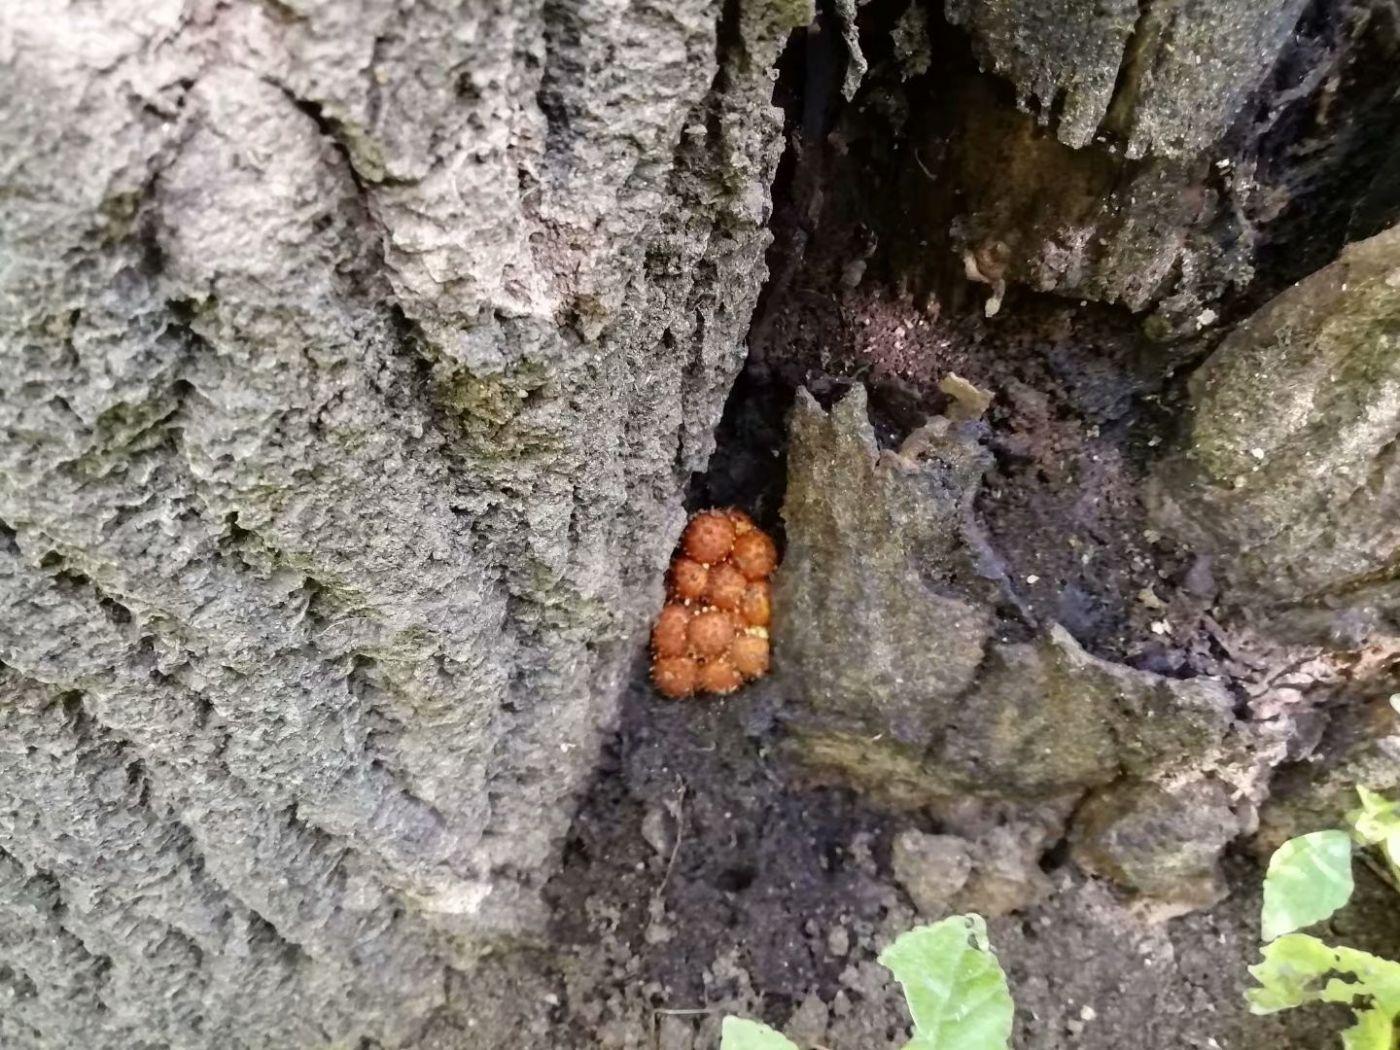 树林里的野蘑菇(图)_图1-13